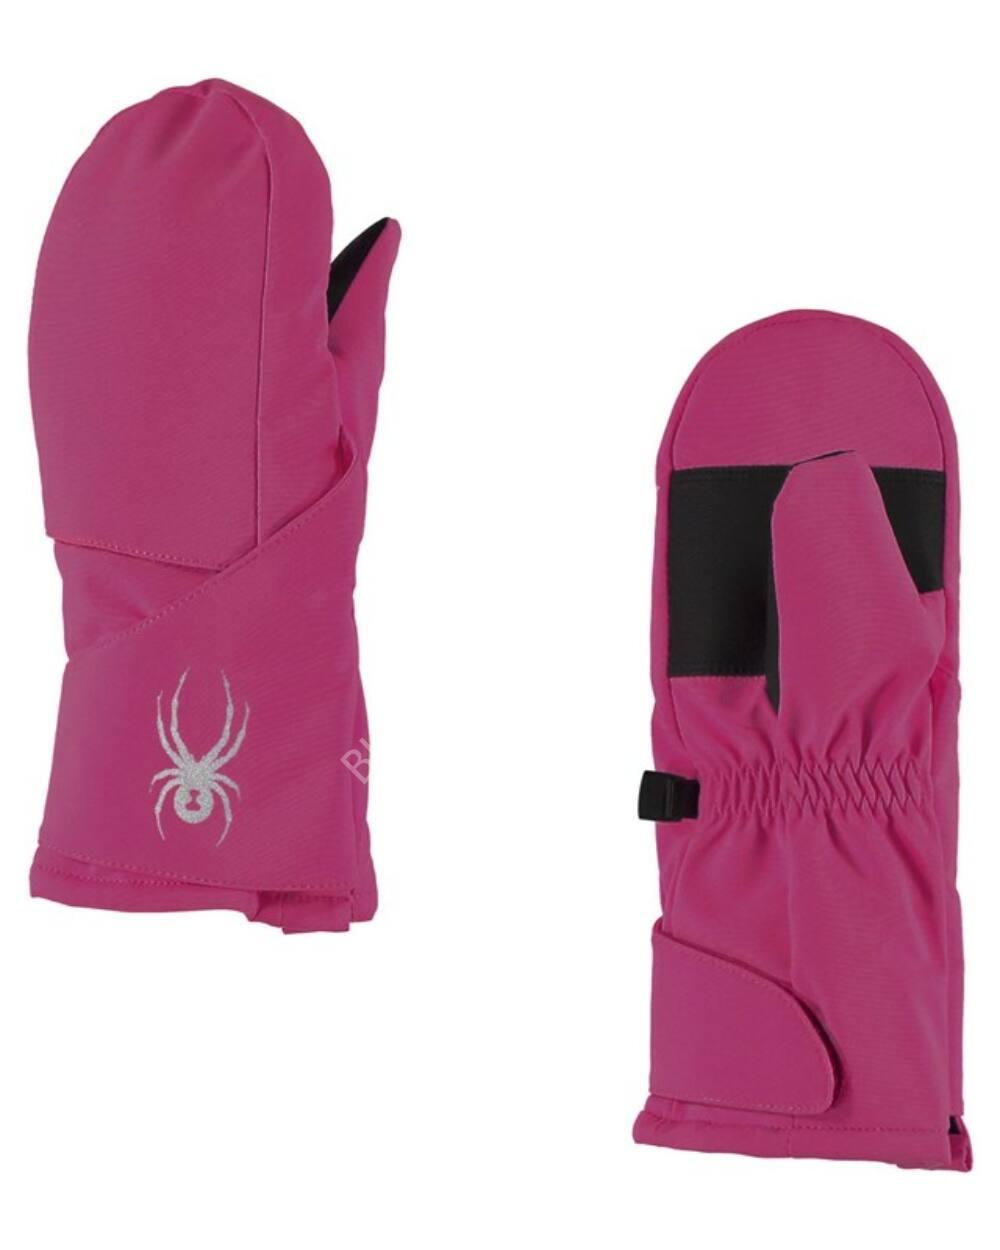 Spyder Cubby egyujjas gyerek síkesztyű, pink